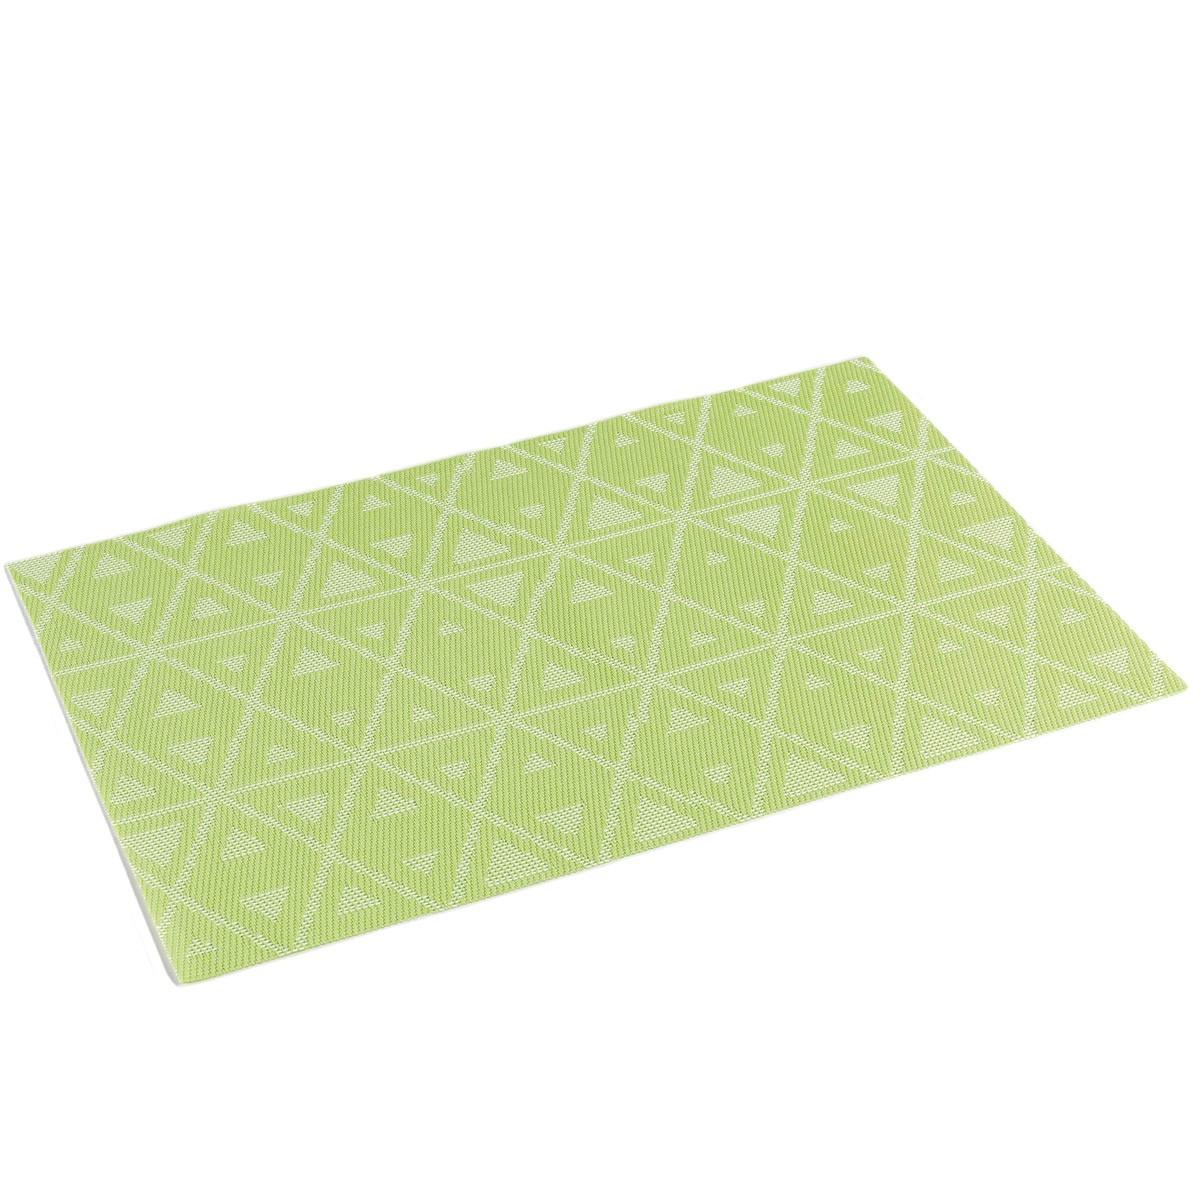 Σουπλά Trigone Vert 1790257